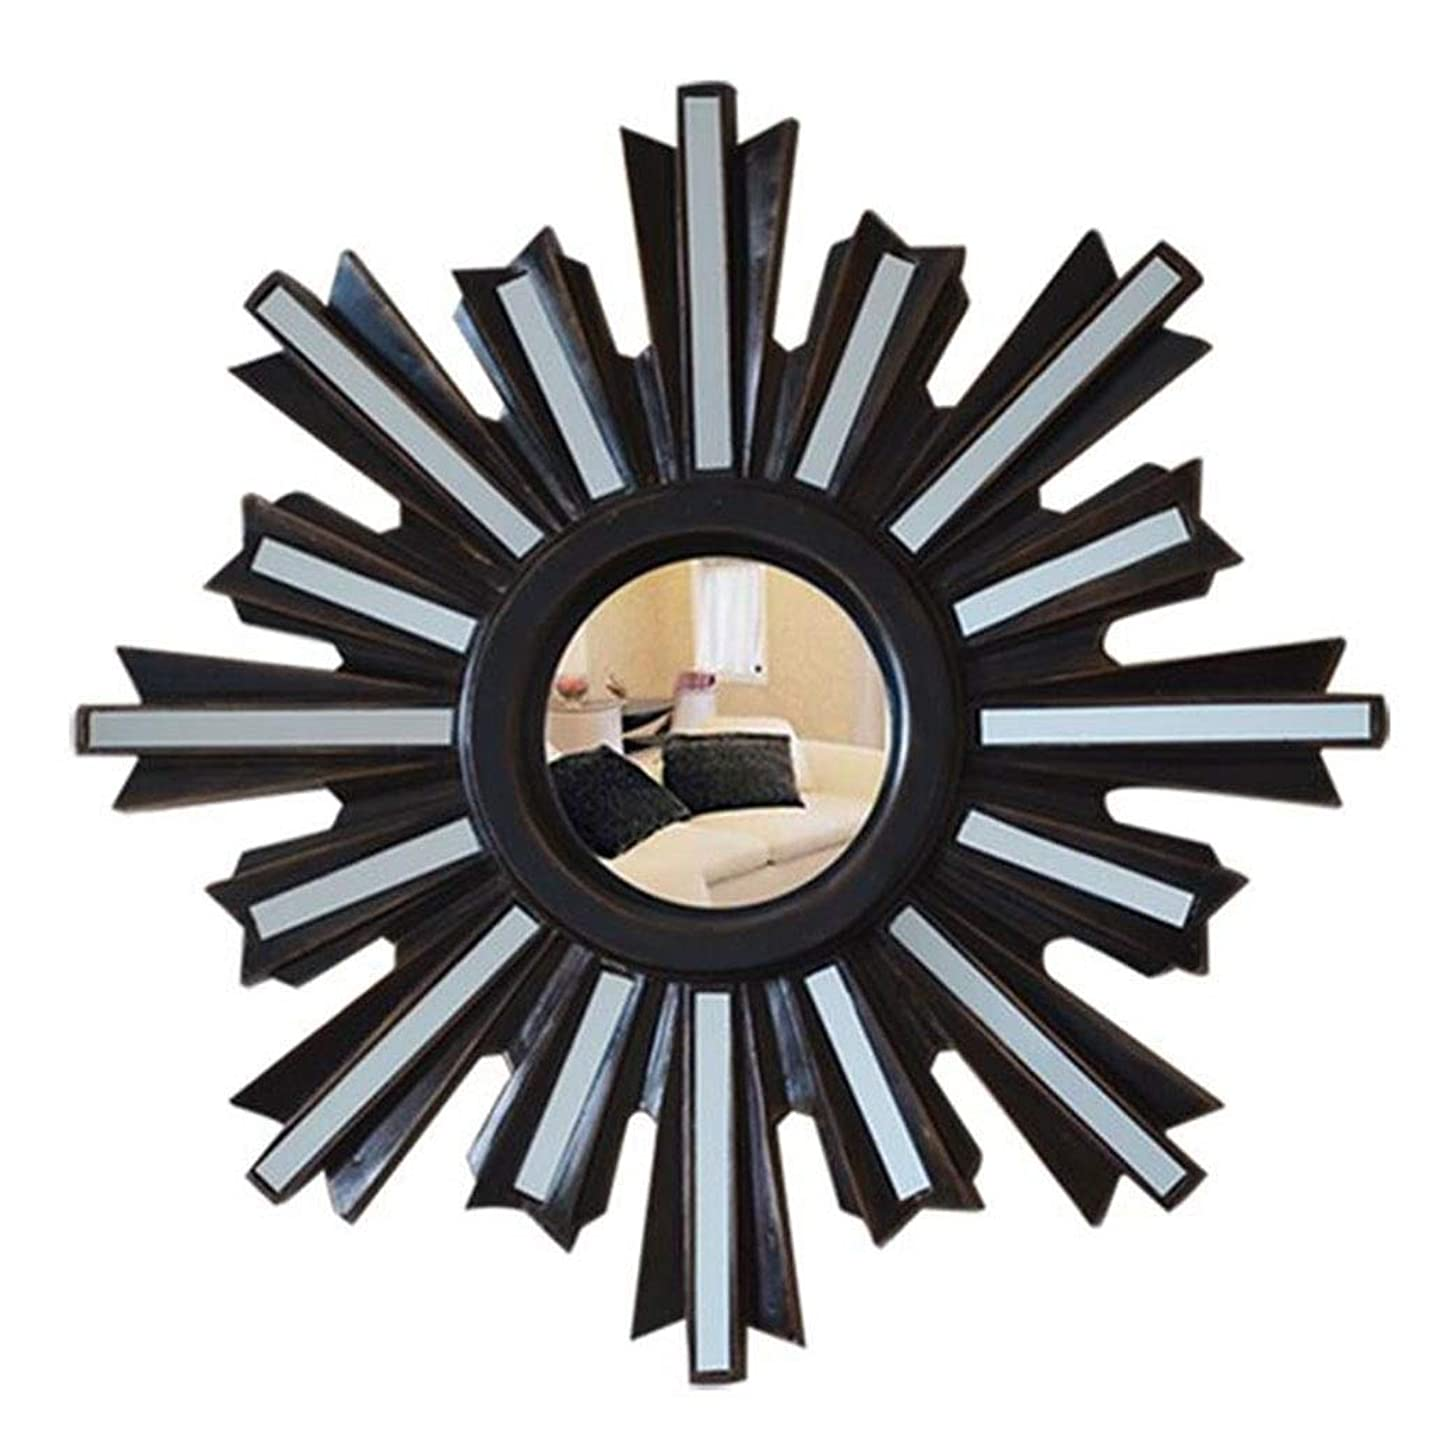 テンポ報奨金勧告ヨーロピアンウォールデコレーションミラー、ポーチコリドーリビングルームハンギングミラー、バスルームバニティミラー-0705(カラー:ブラック)